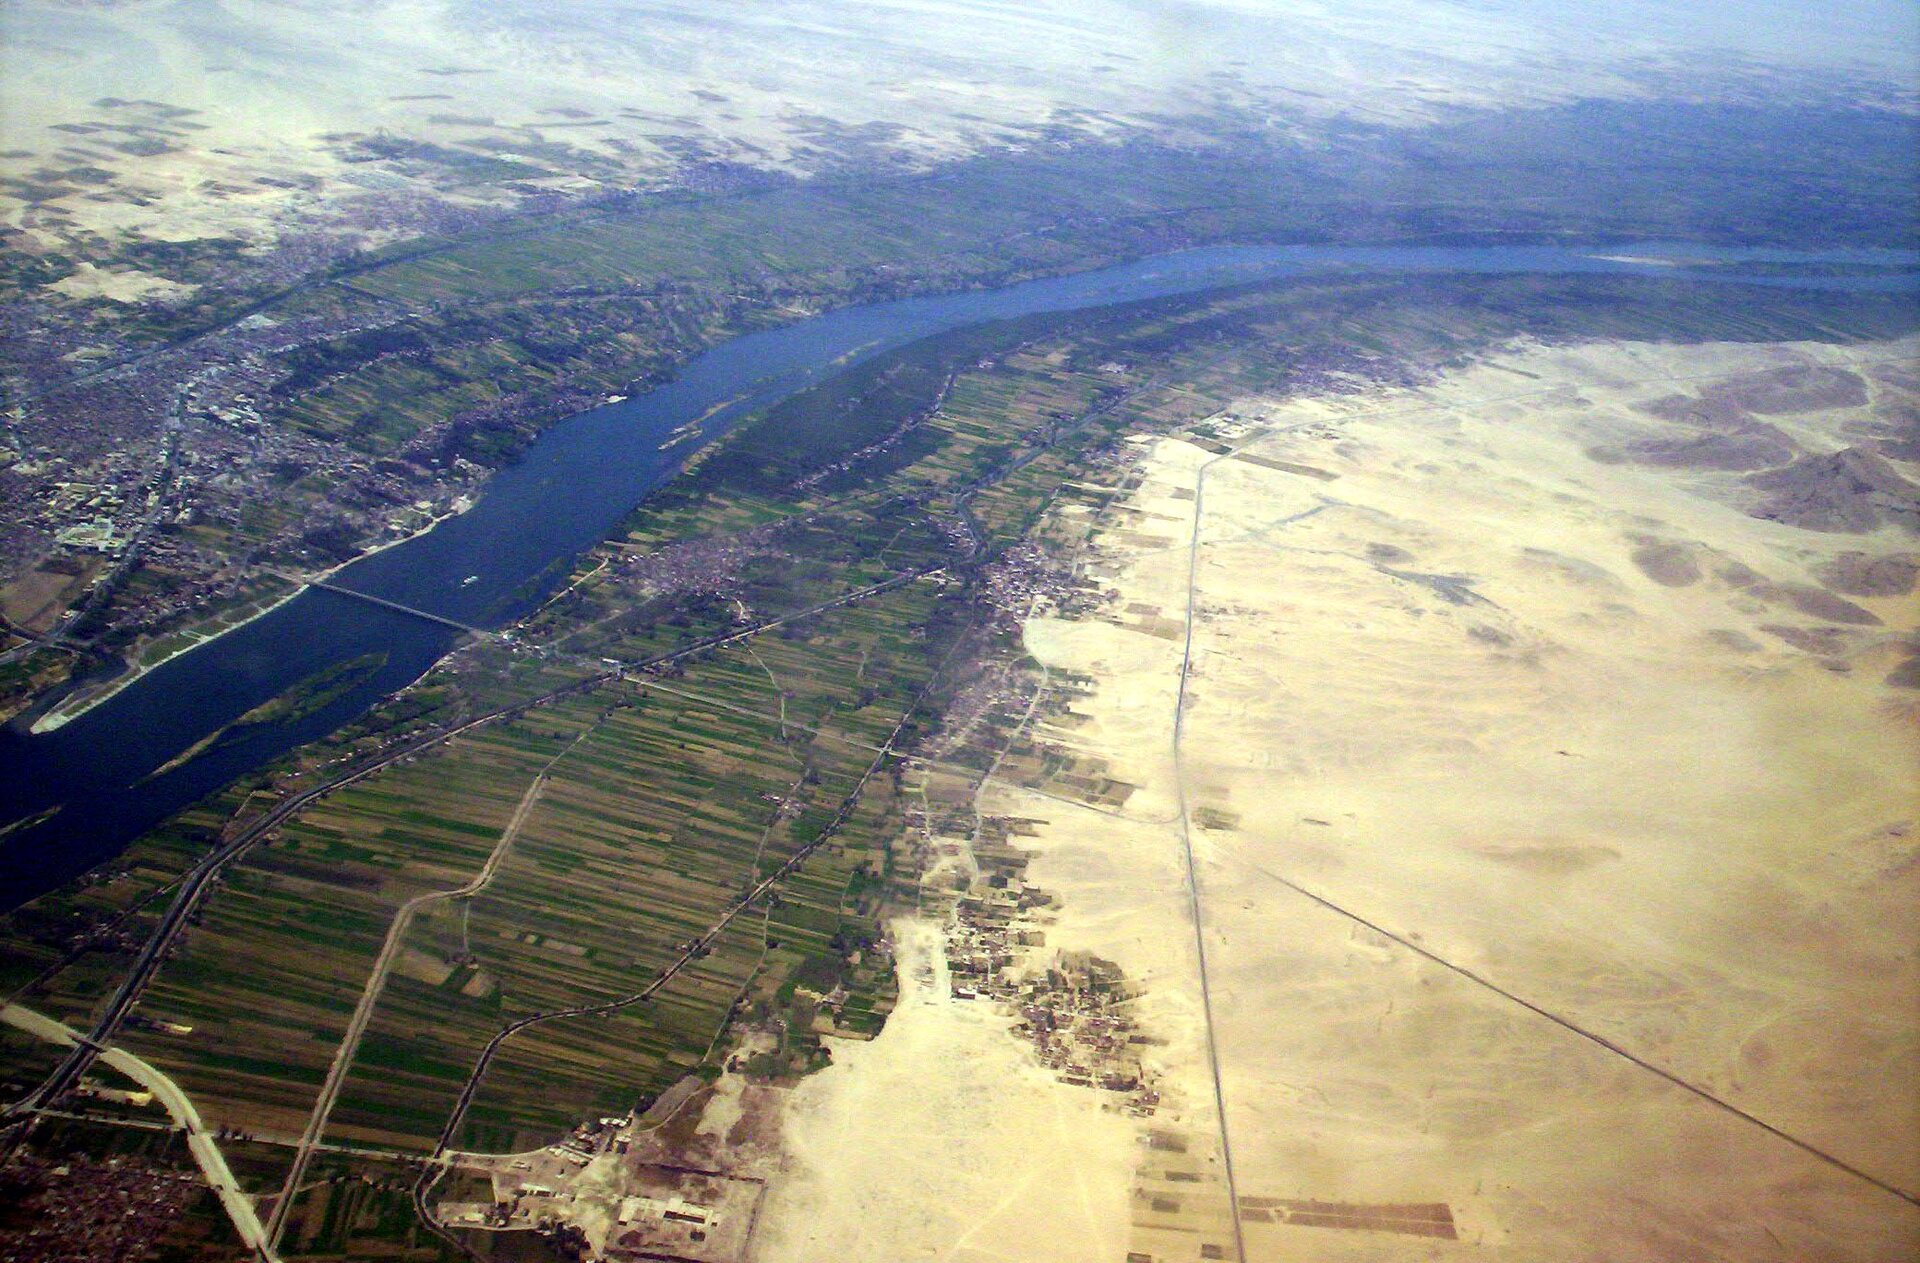 Na zdjęciu lotniczym rzeka, brzegi zielone, pola uprawne, dalej od brzegów rzeki tereny piaszczyste całkowicie pozbawione roślinności.